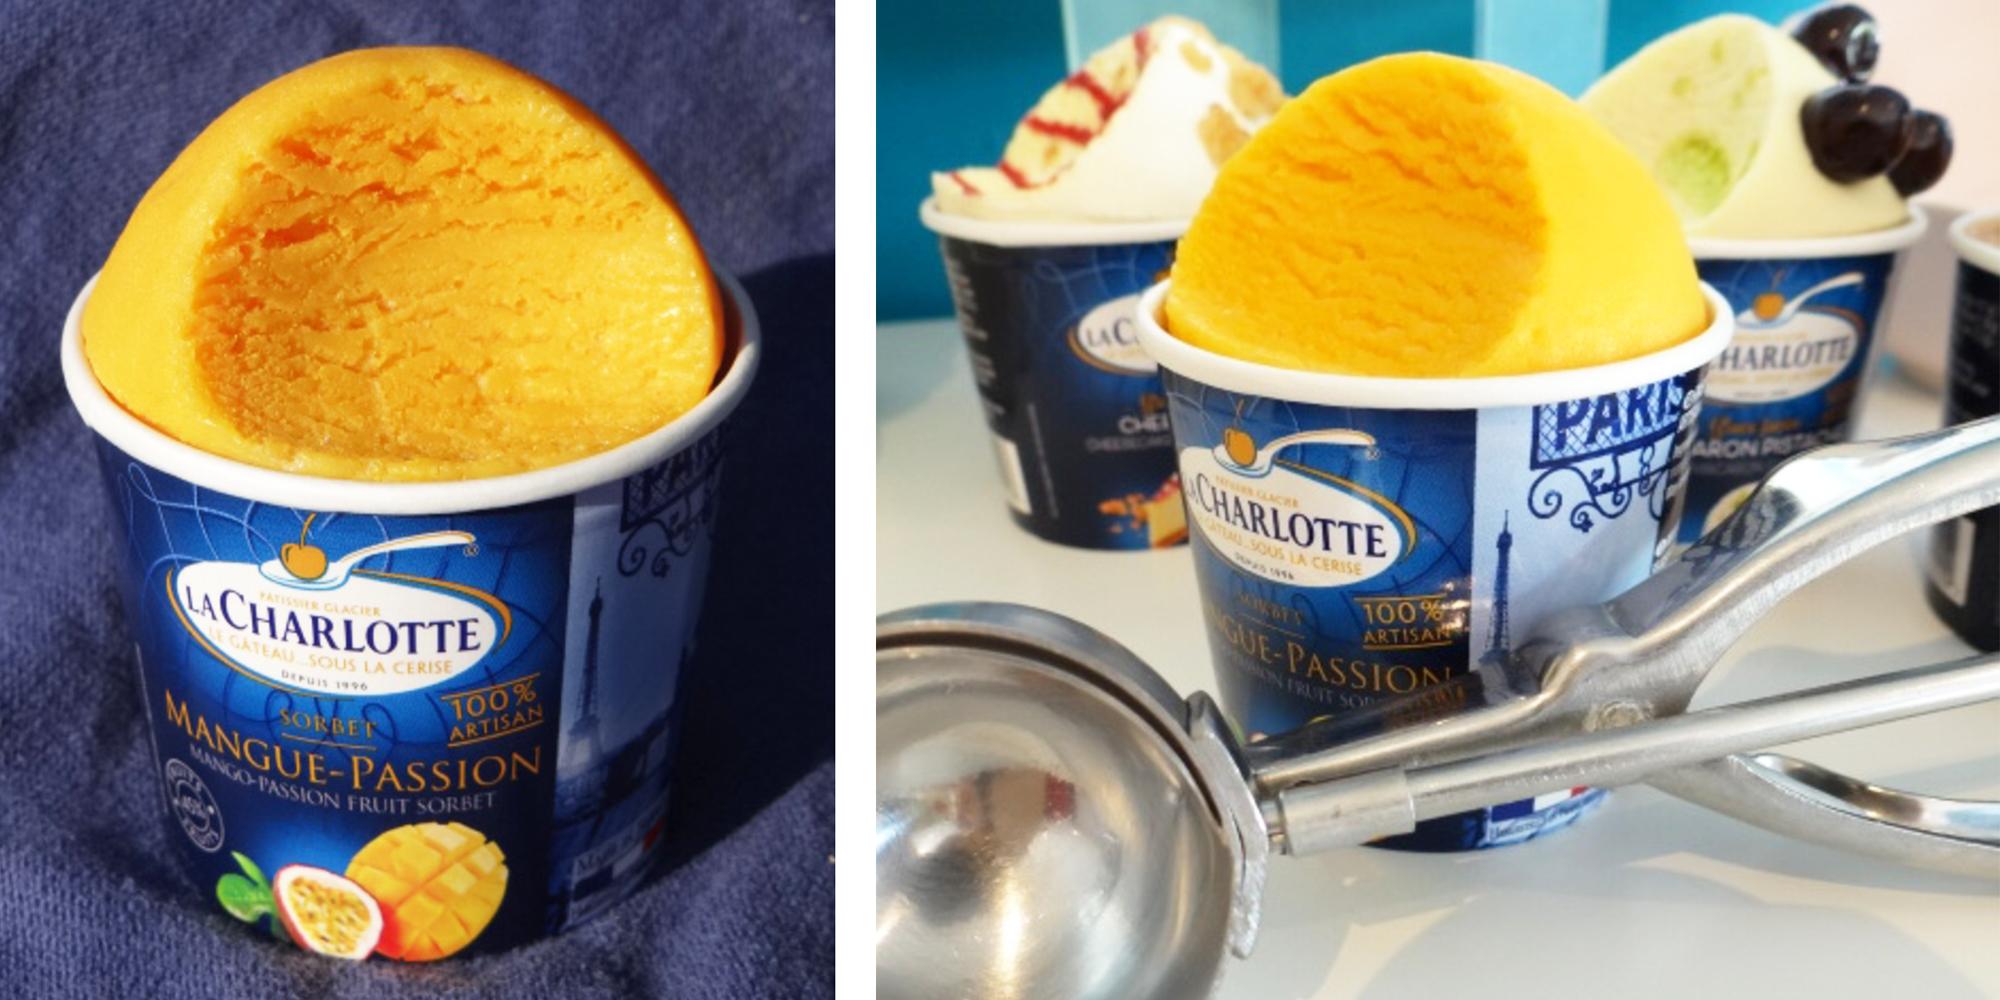 factices de boules de glaces en pot réalisés en résine pour la collection gourmande La Charlotte du Groupe Senoble